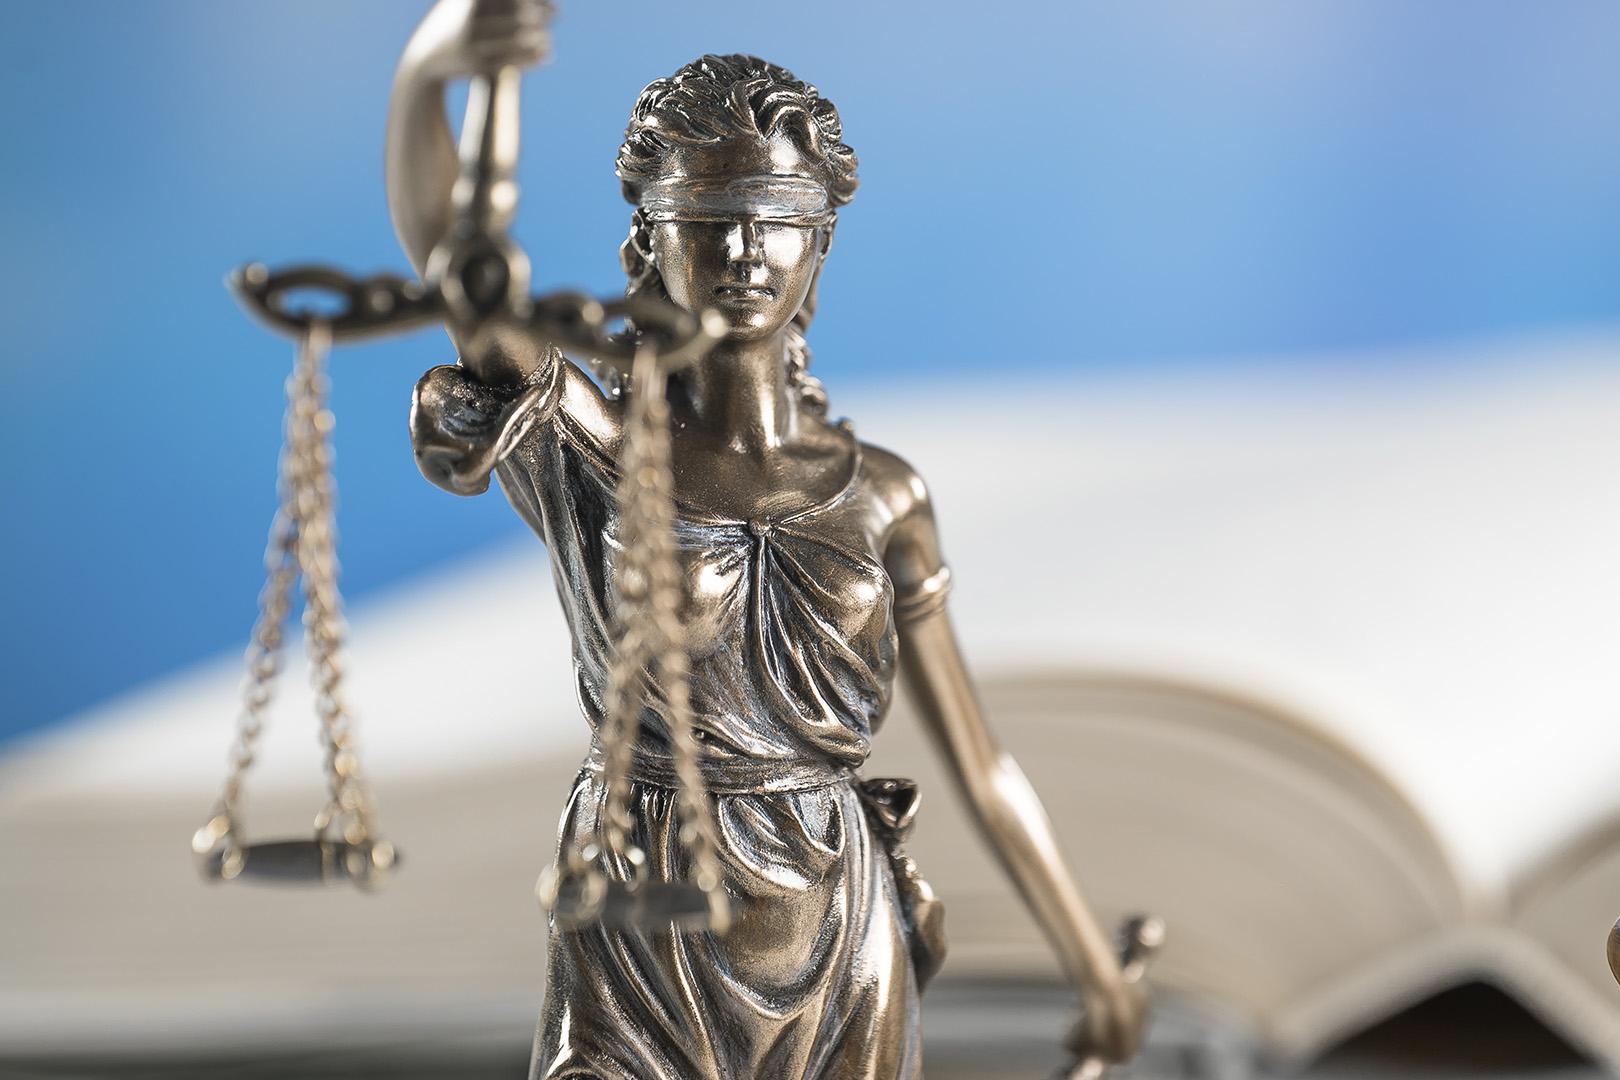 Procuradora Jurídica da Câmara Municipal de Biritiba Mirim é afastada do cargo